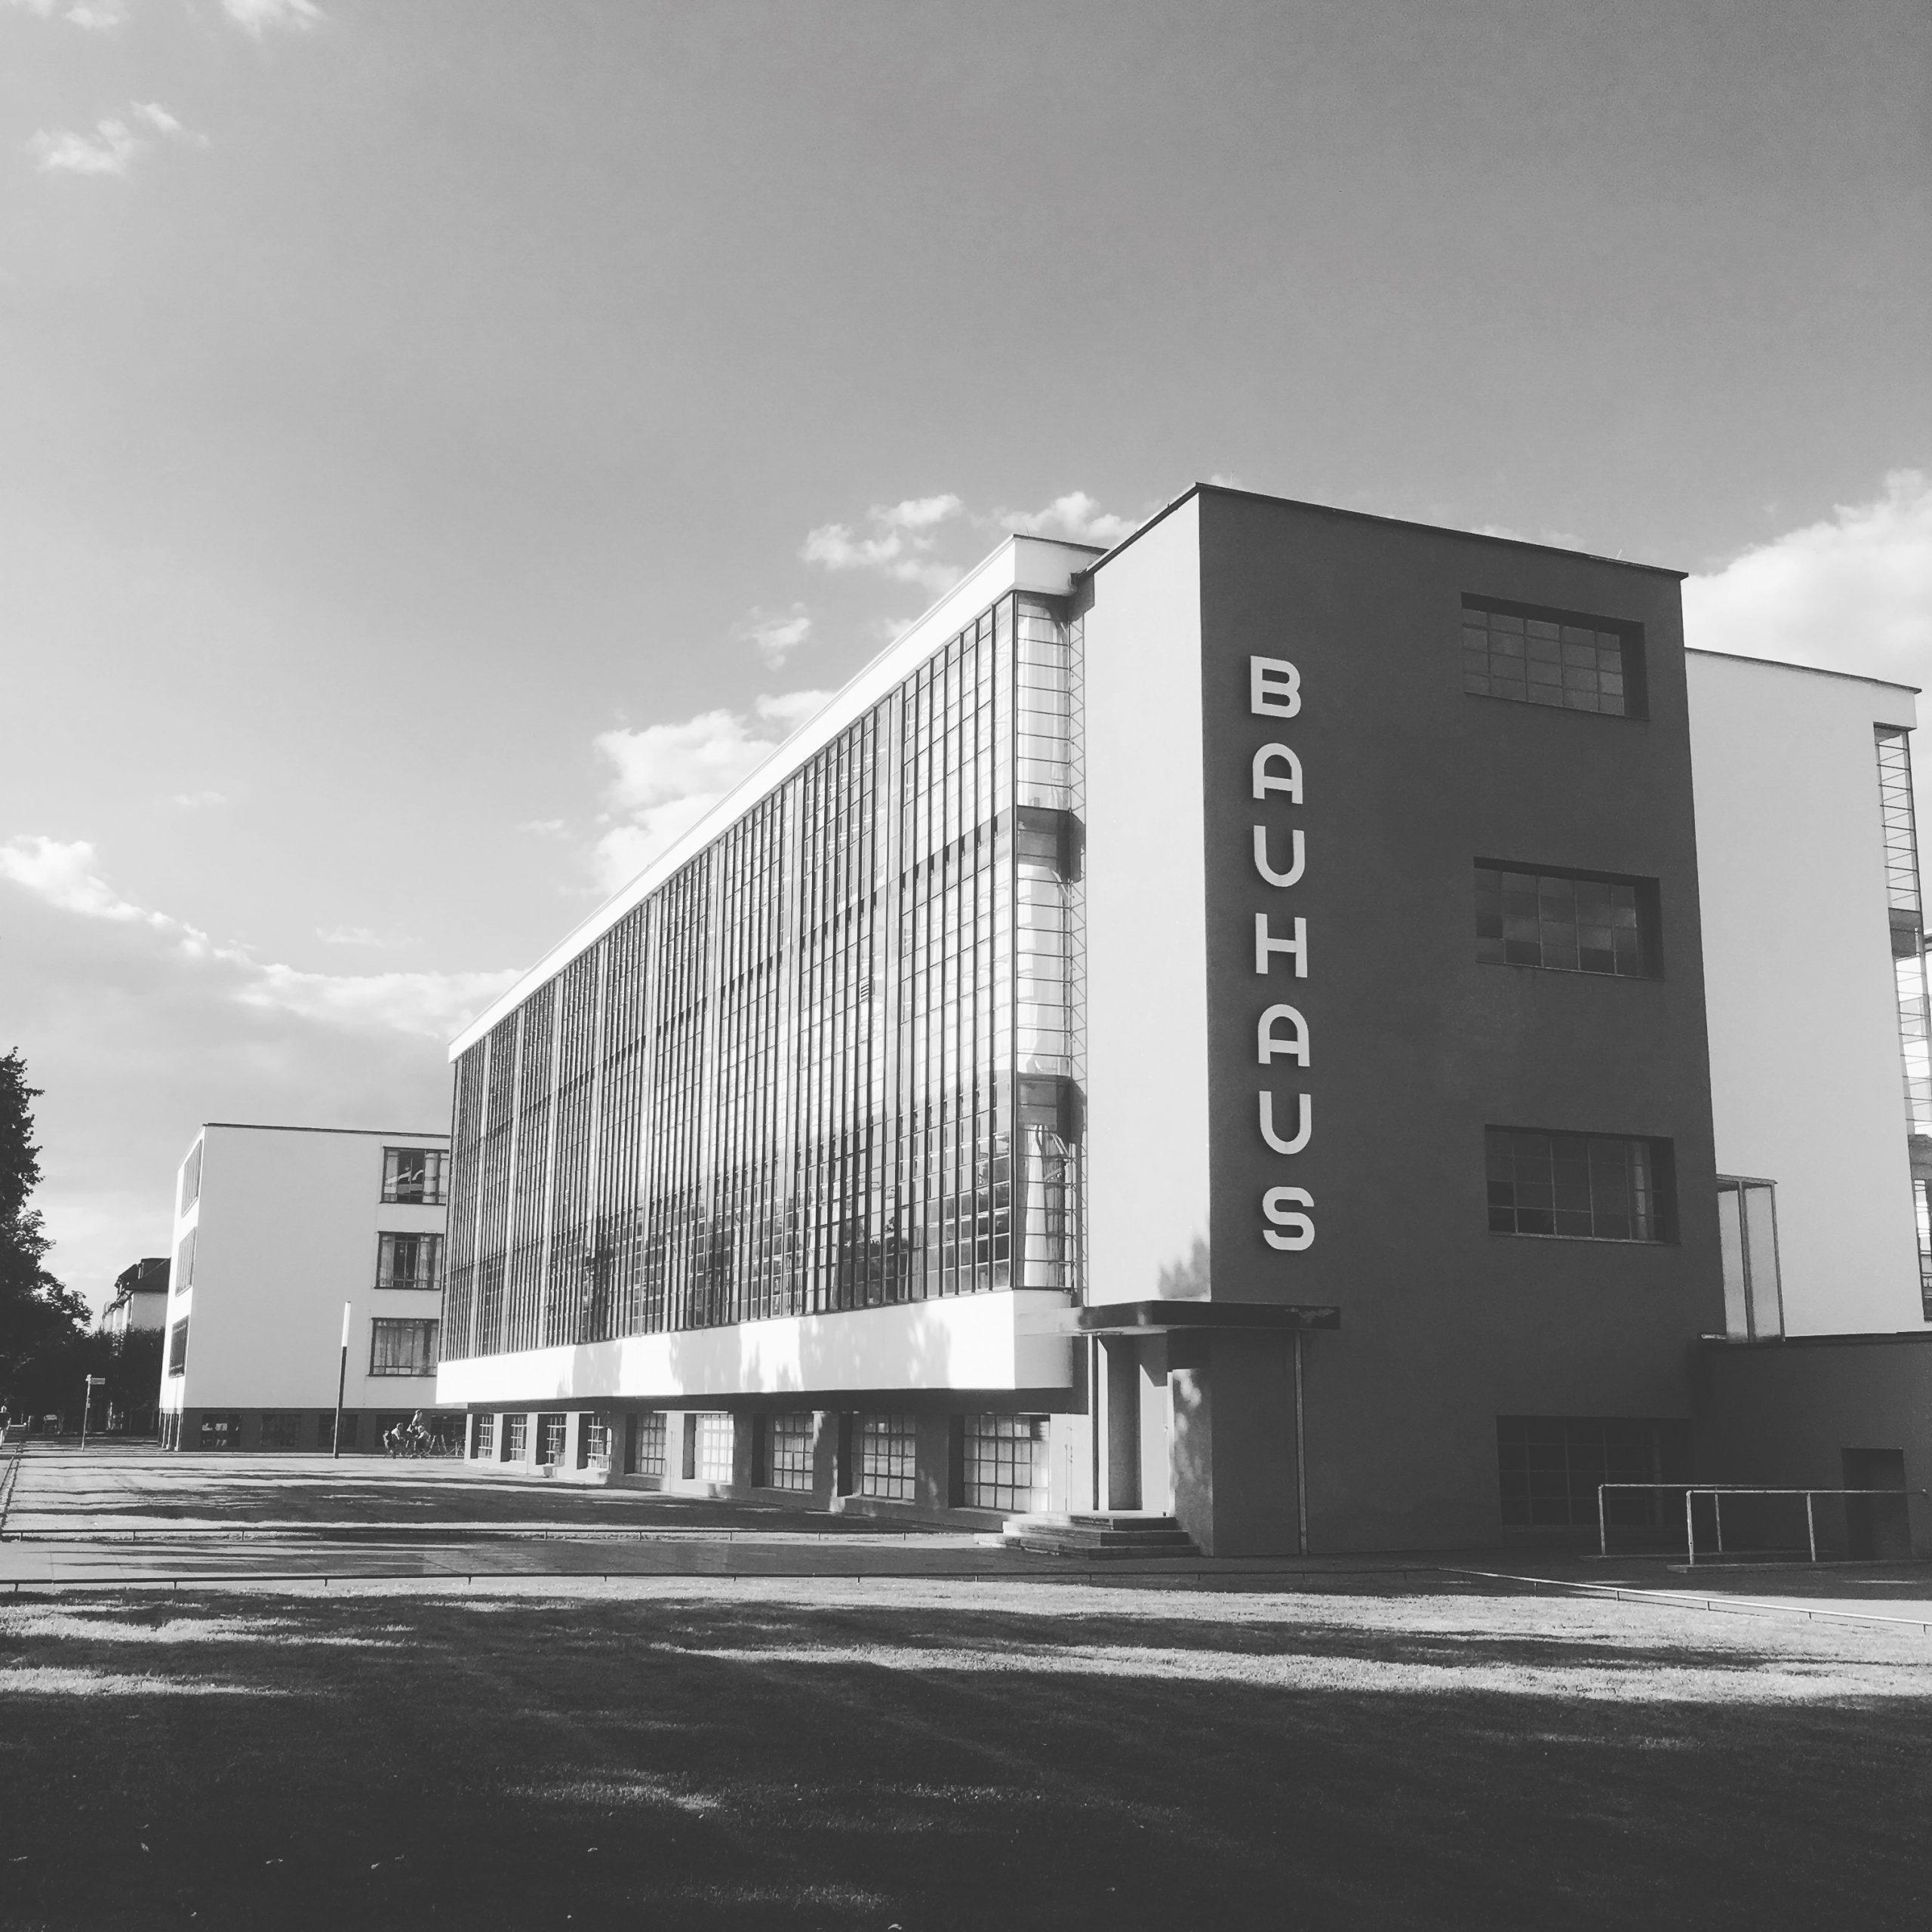 Full Size of Bauhaus Fenster Fensterdichtungsband Fensterbank Zuschnitt Granit Fensterfolie Bremen Fensterfolien Fensterdichtungen Einbauen Kosten Statische Blickdichte Fenster Bauhaus Fenster